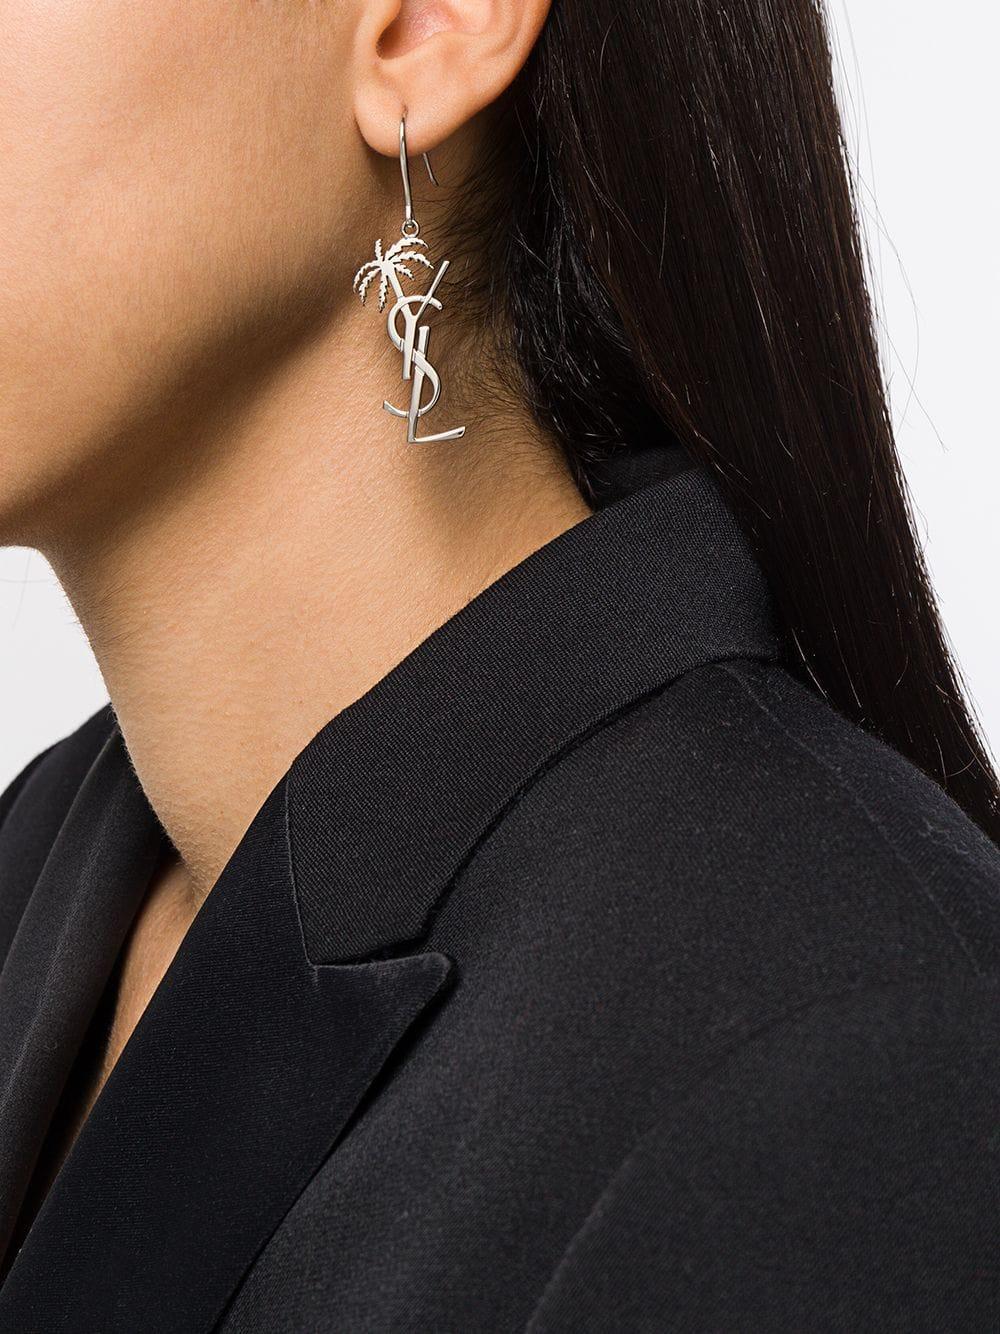 0625c64646 Saint Laurent Monogram Palm Tree Earrings in Metallic - Lyst